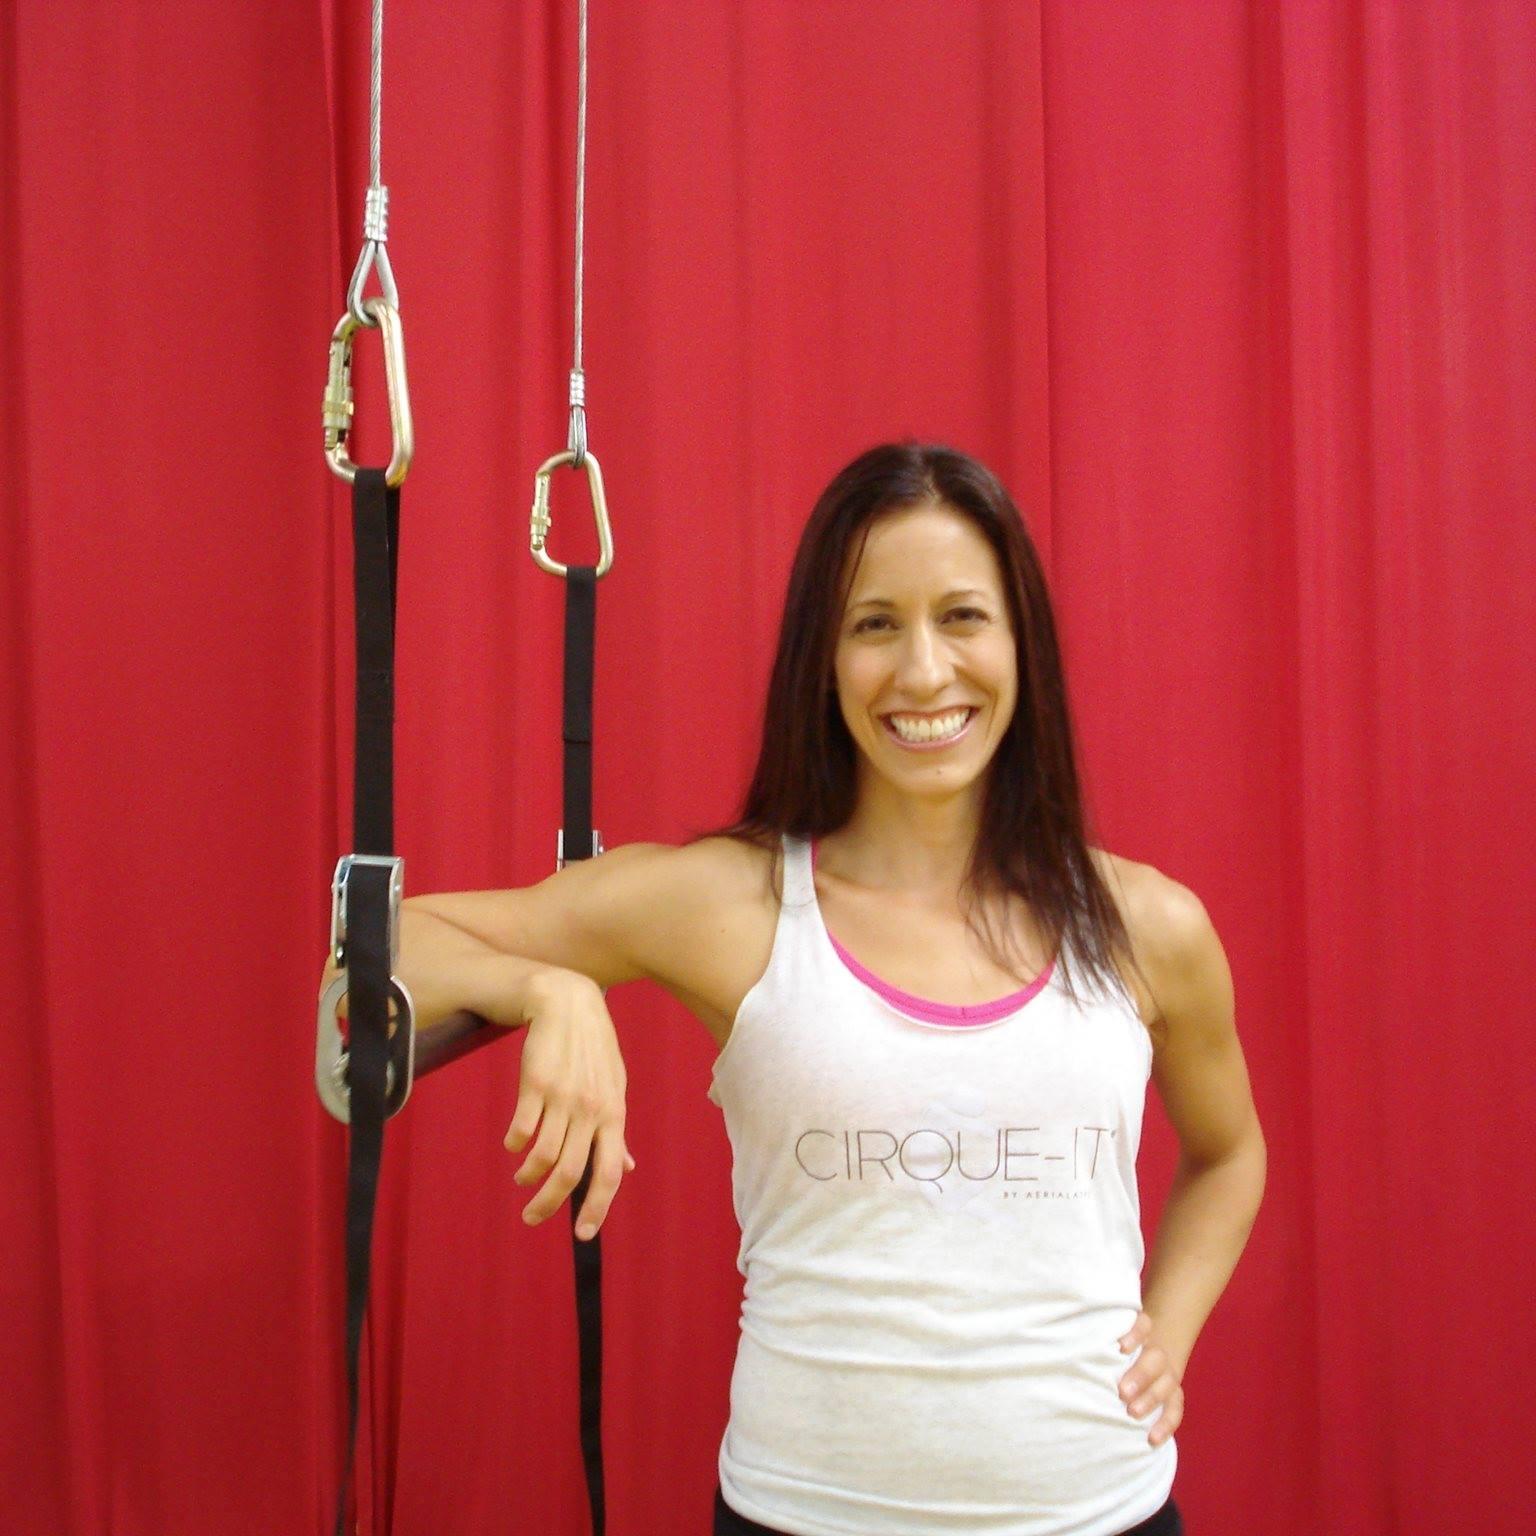 Elizabeth Skwiot | Cirque-it Fitness